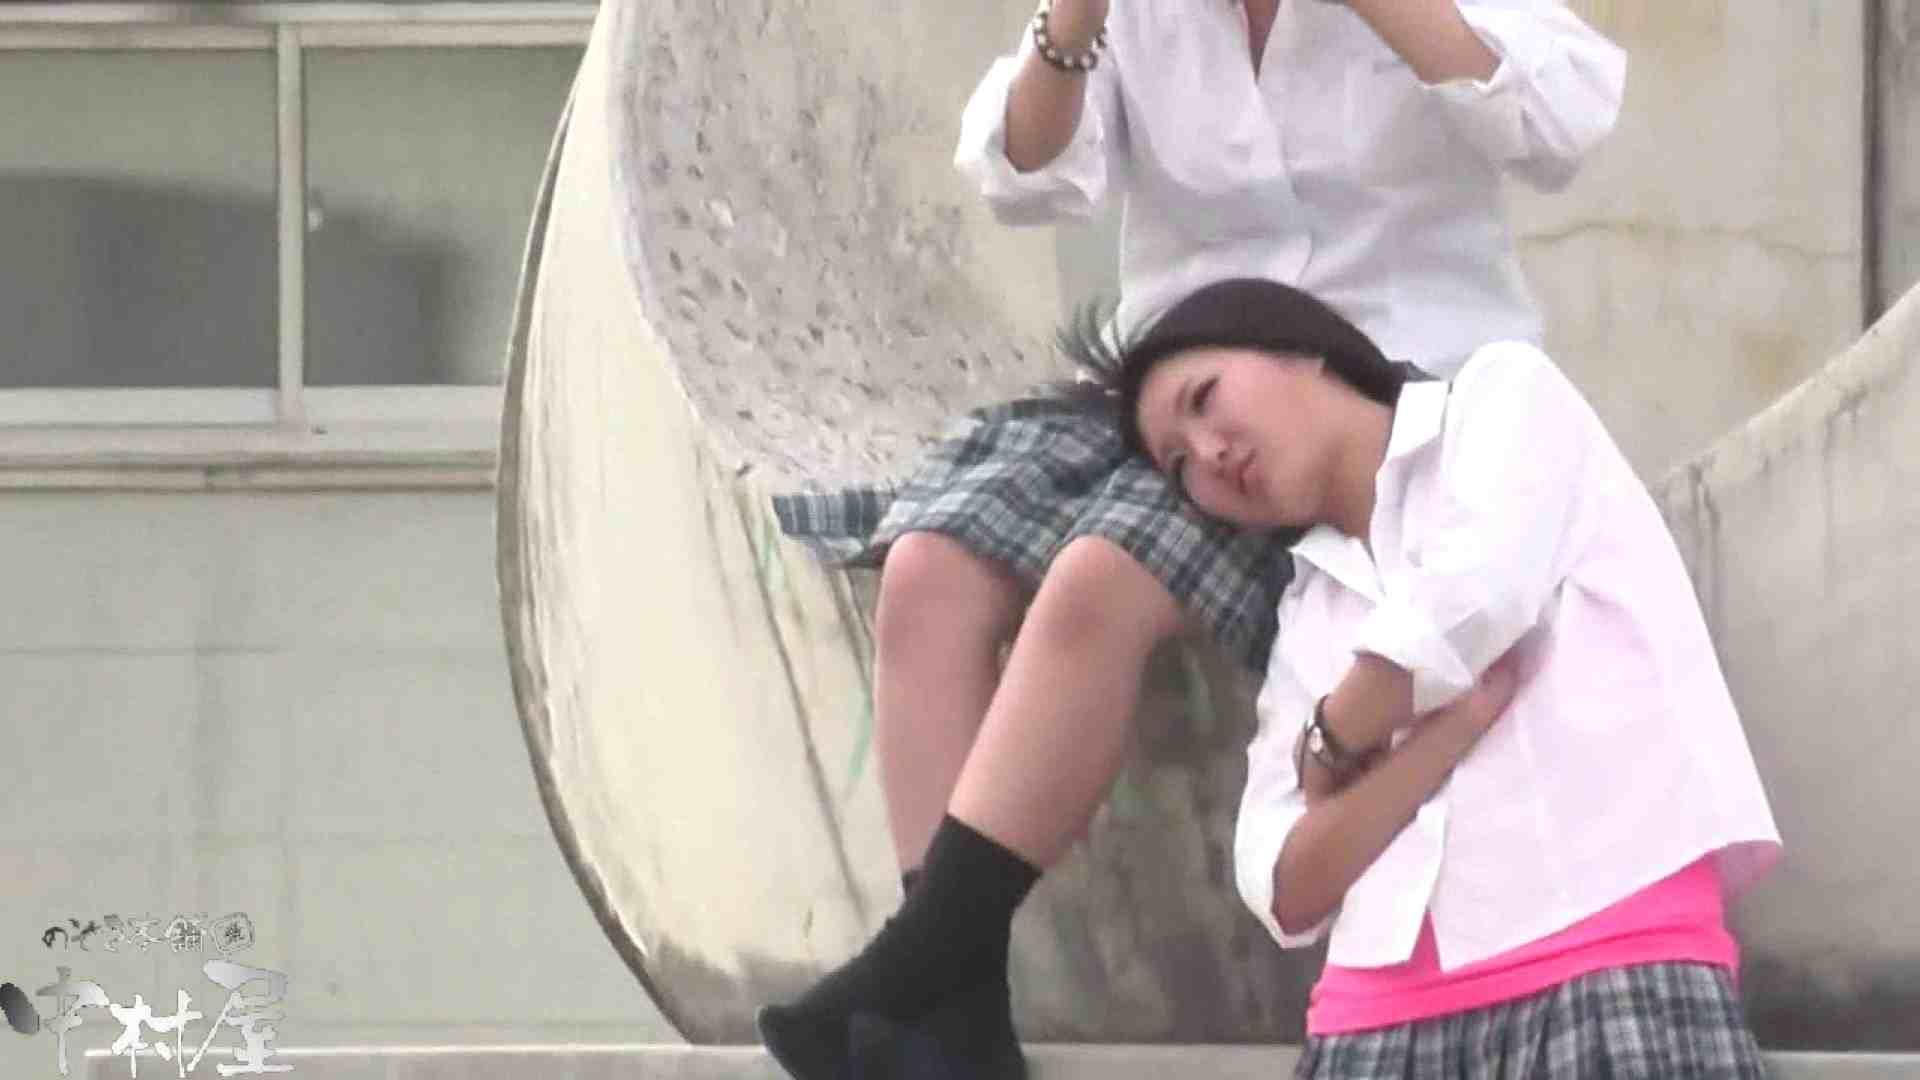 ドキドキ❤新入生パンチラ歓迎会vol.18 パンチラ セックス無修正動画無料 86画像 83